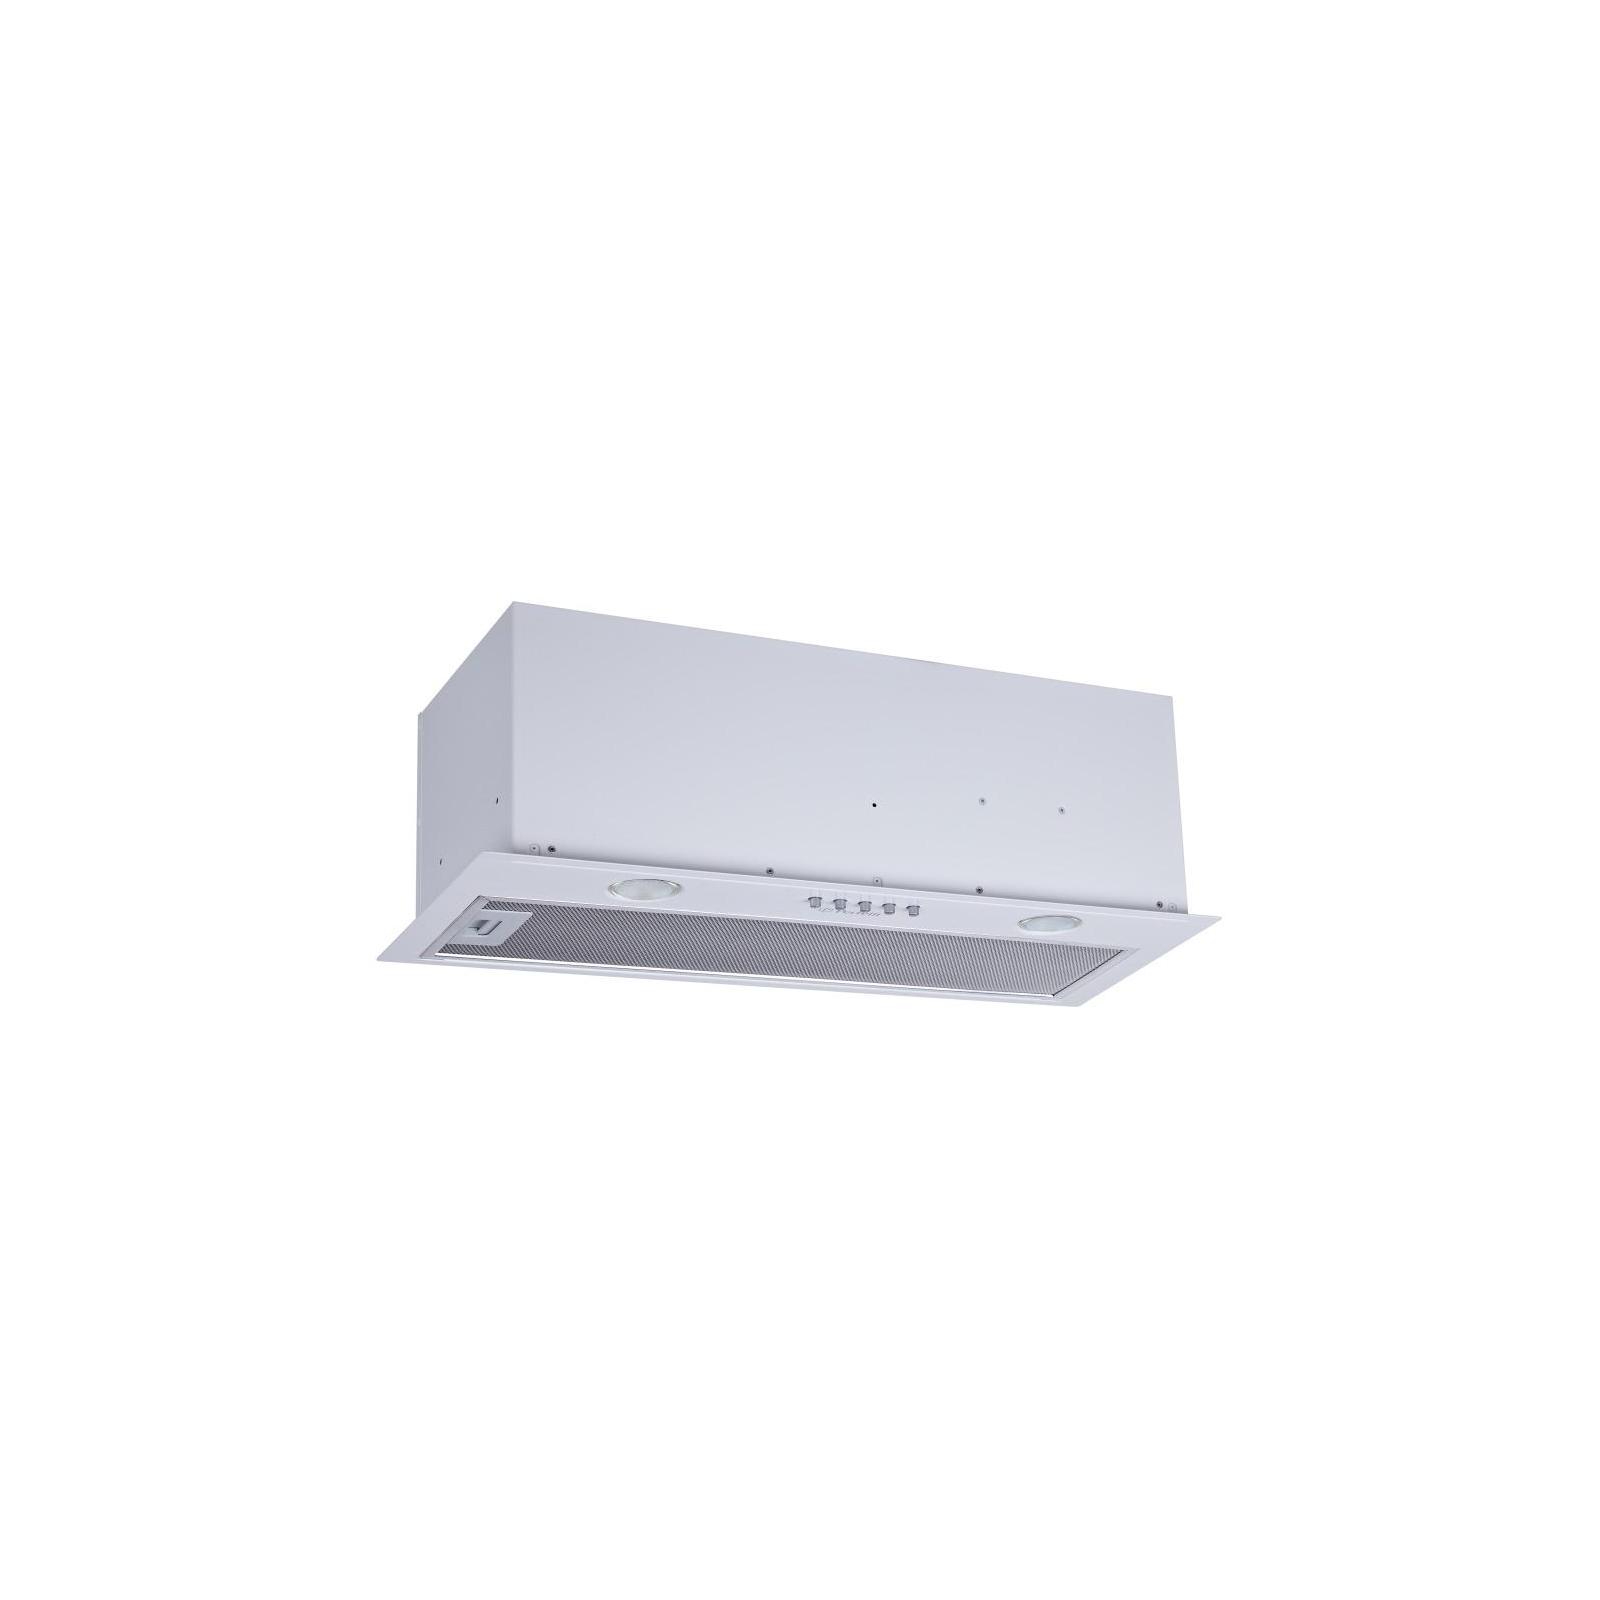 Вытяжка кухонная PERFELLI BI 6512 A 1000 W LED изображение 2